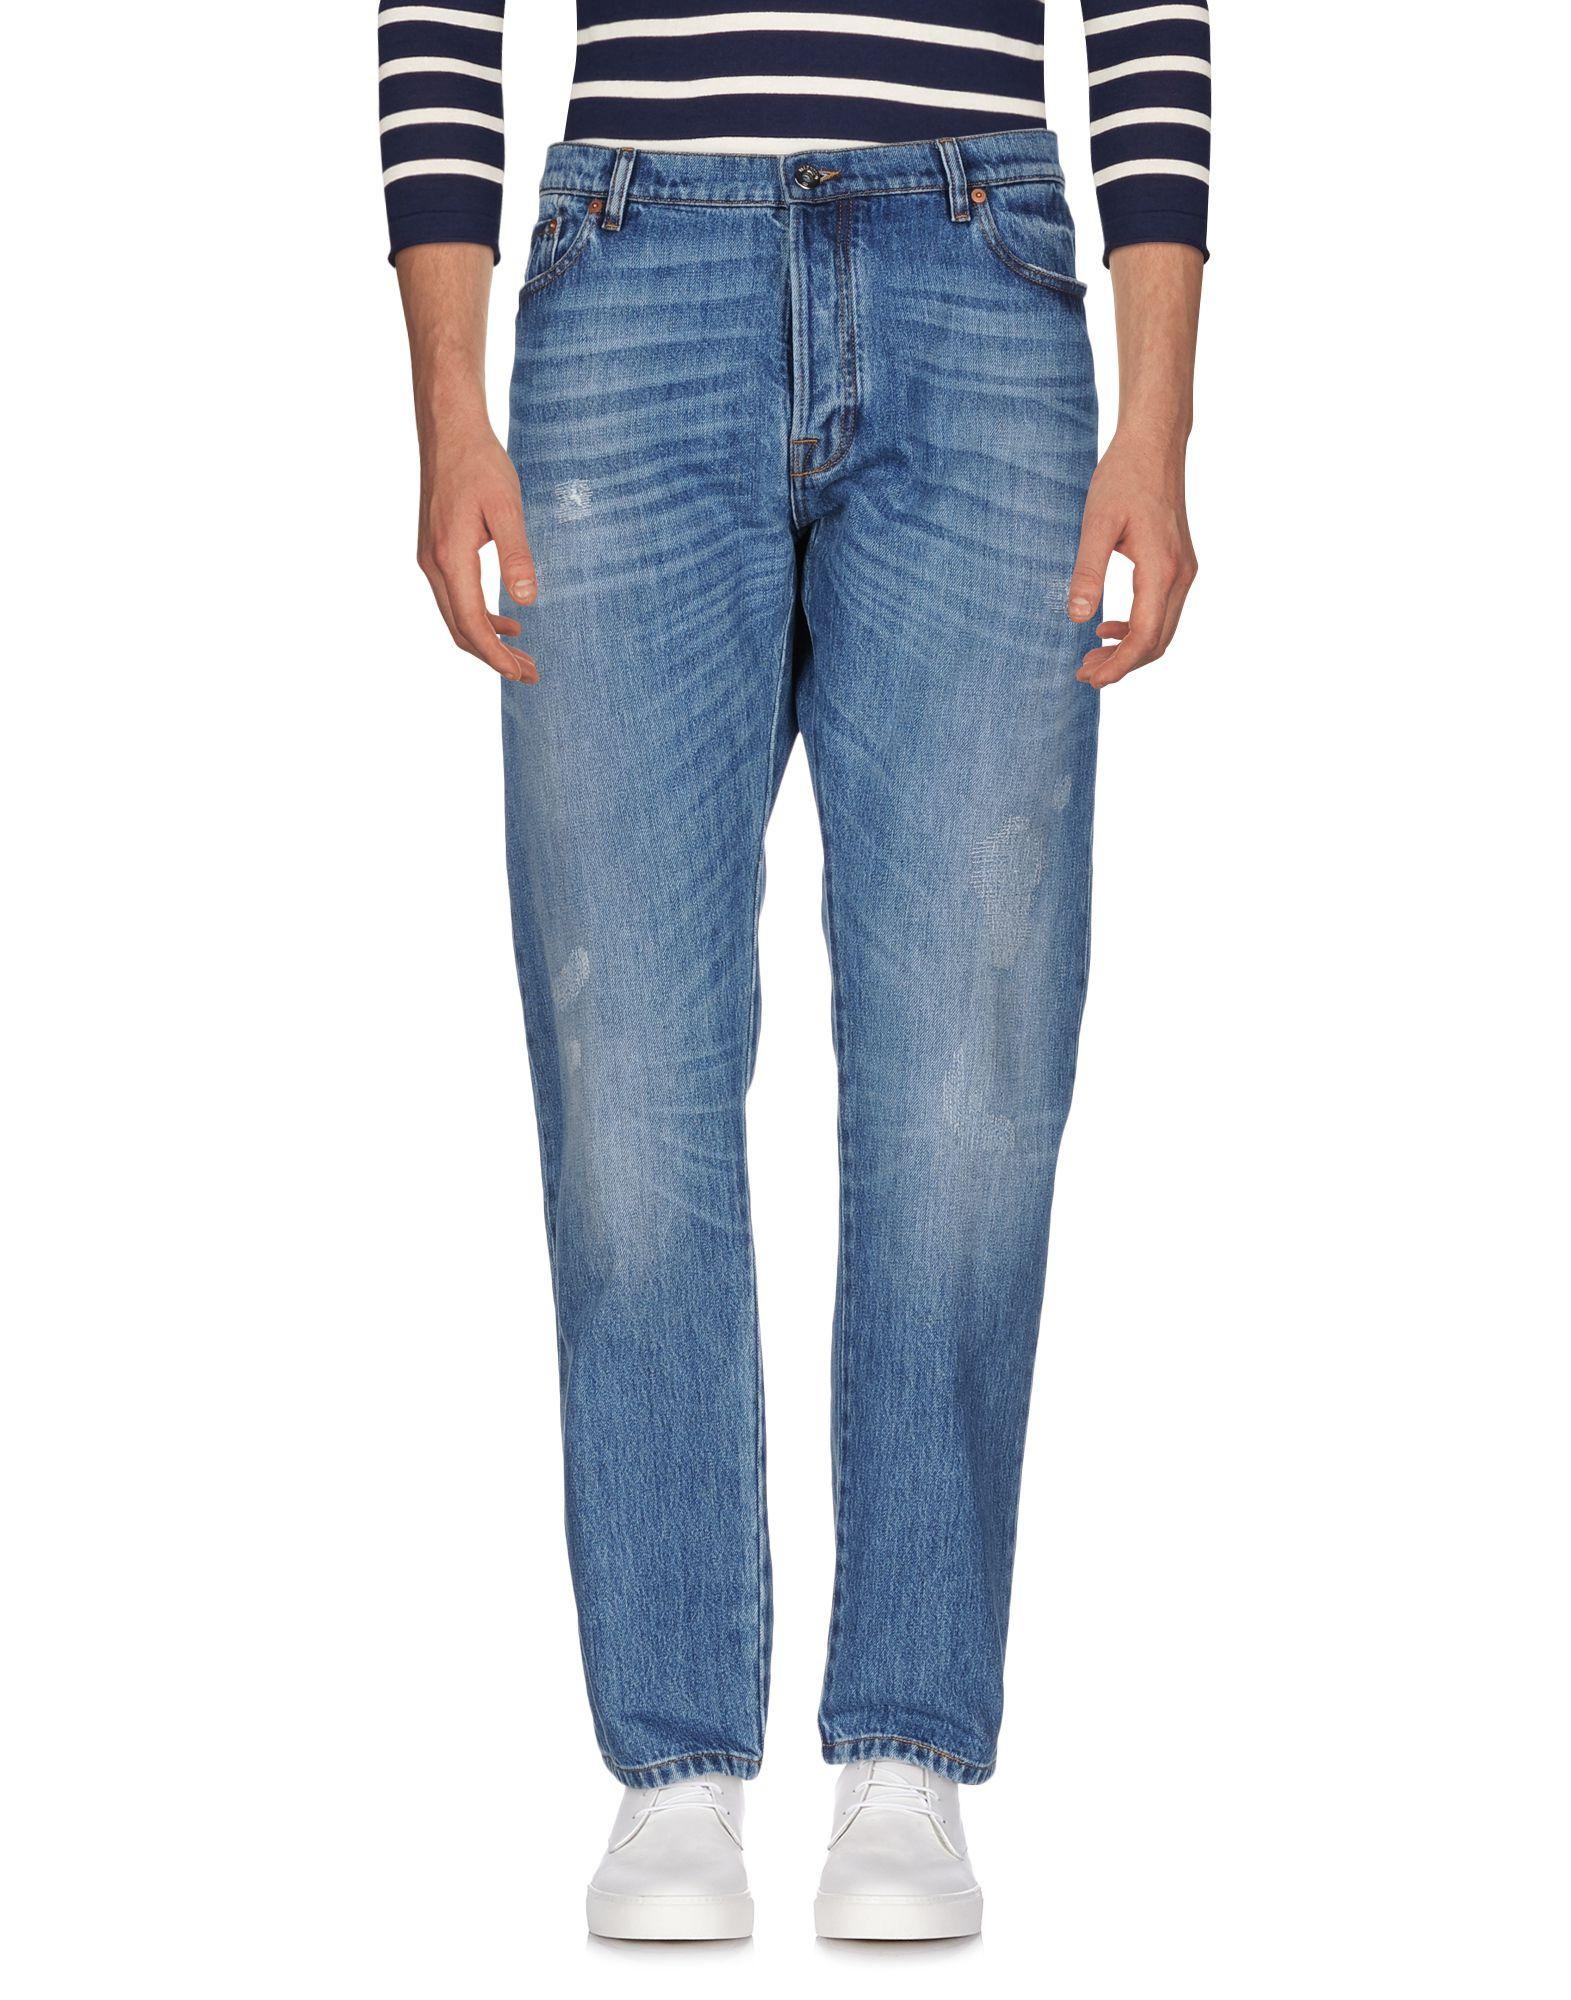 Pantaloni Jeans Valentino Uomo - Acquista online su